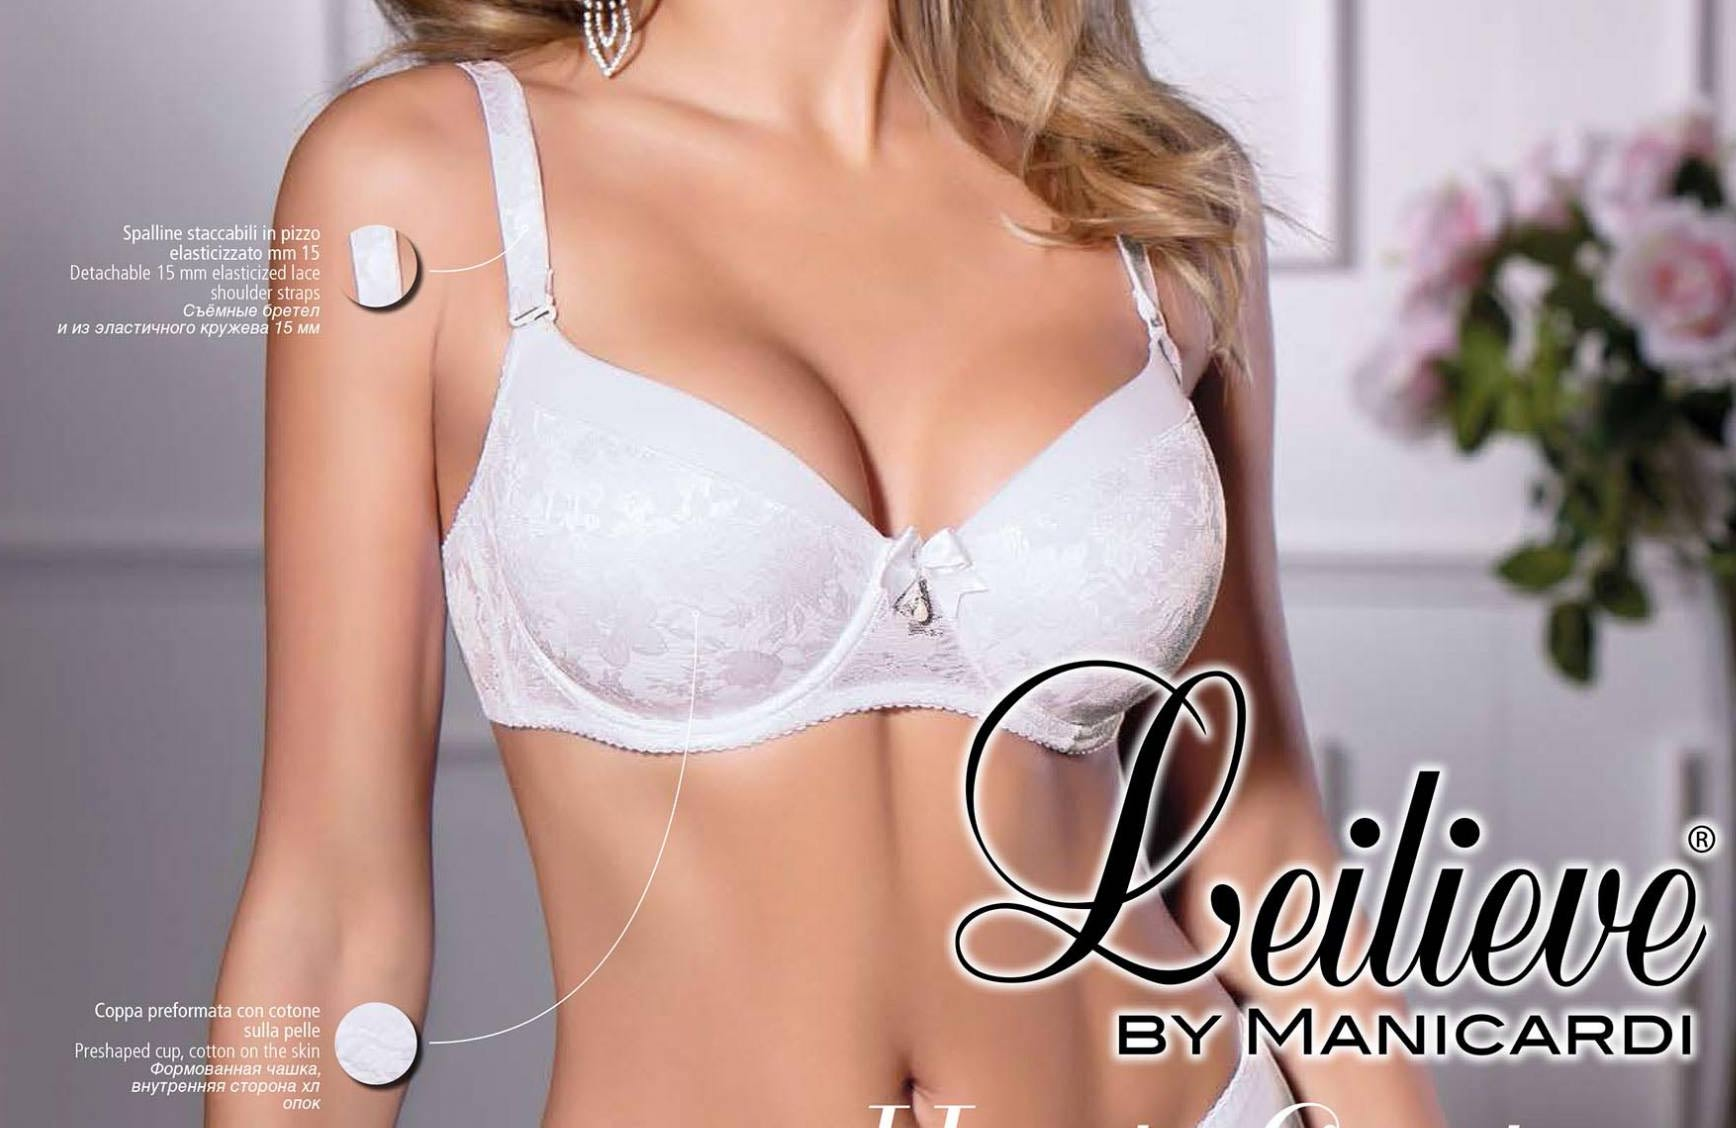 7718866e3 Leilieve celovyztužená podprsenka 7743 | E-velina.cz